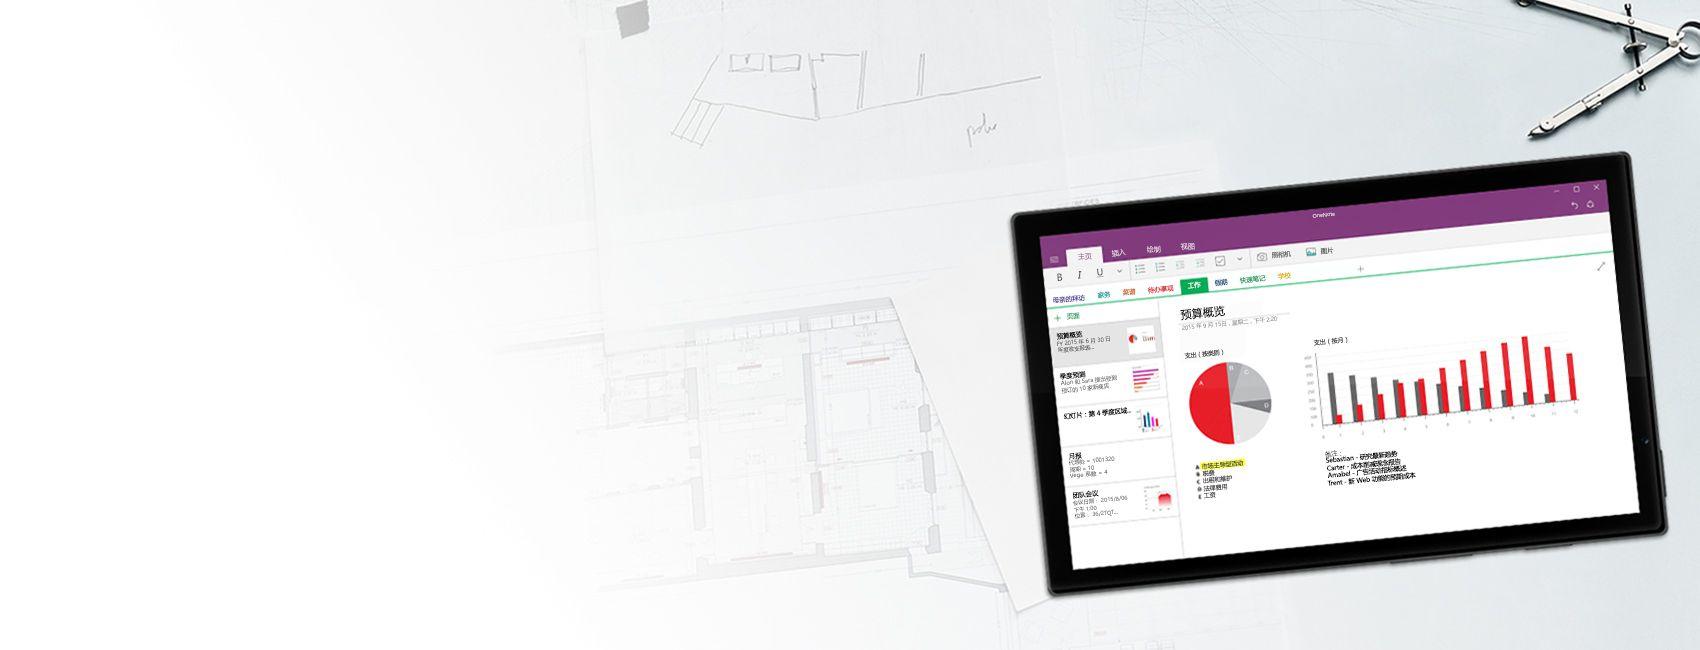 显示 OneNote 笔记本中预算概况图表和图形的 Windows 平板电脑